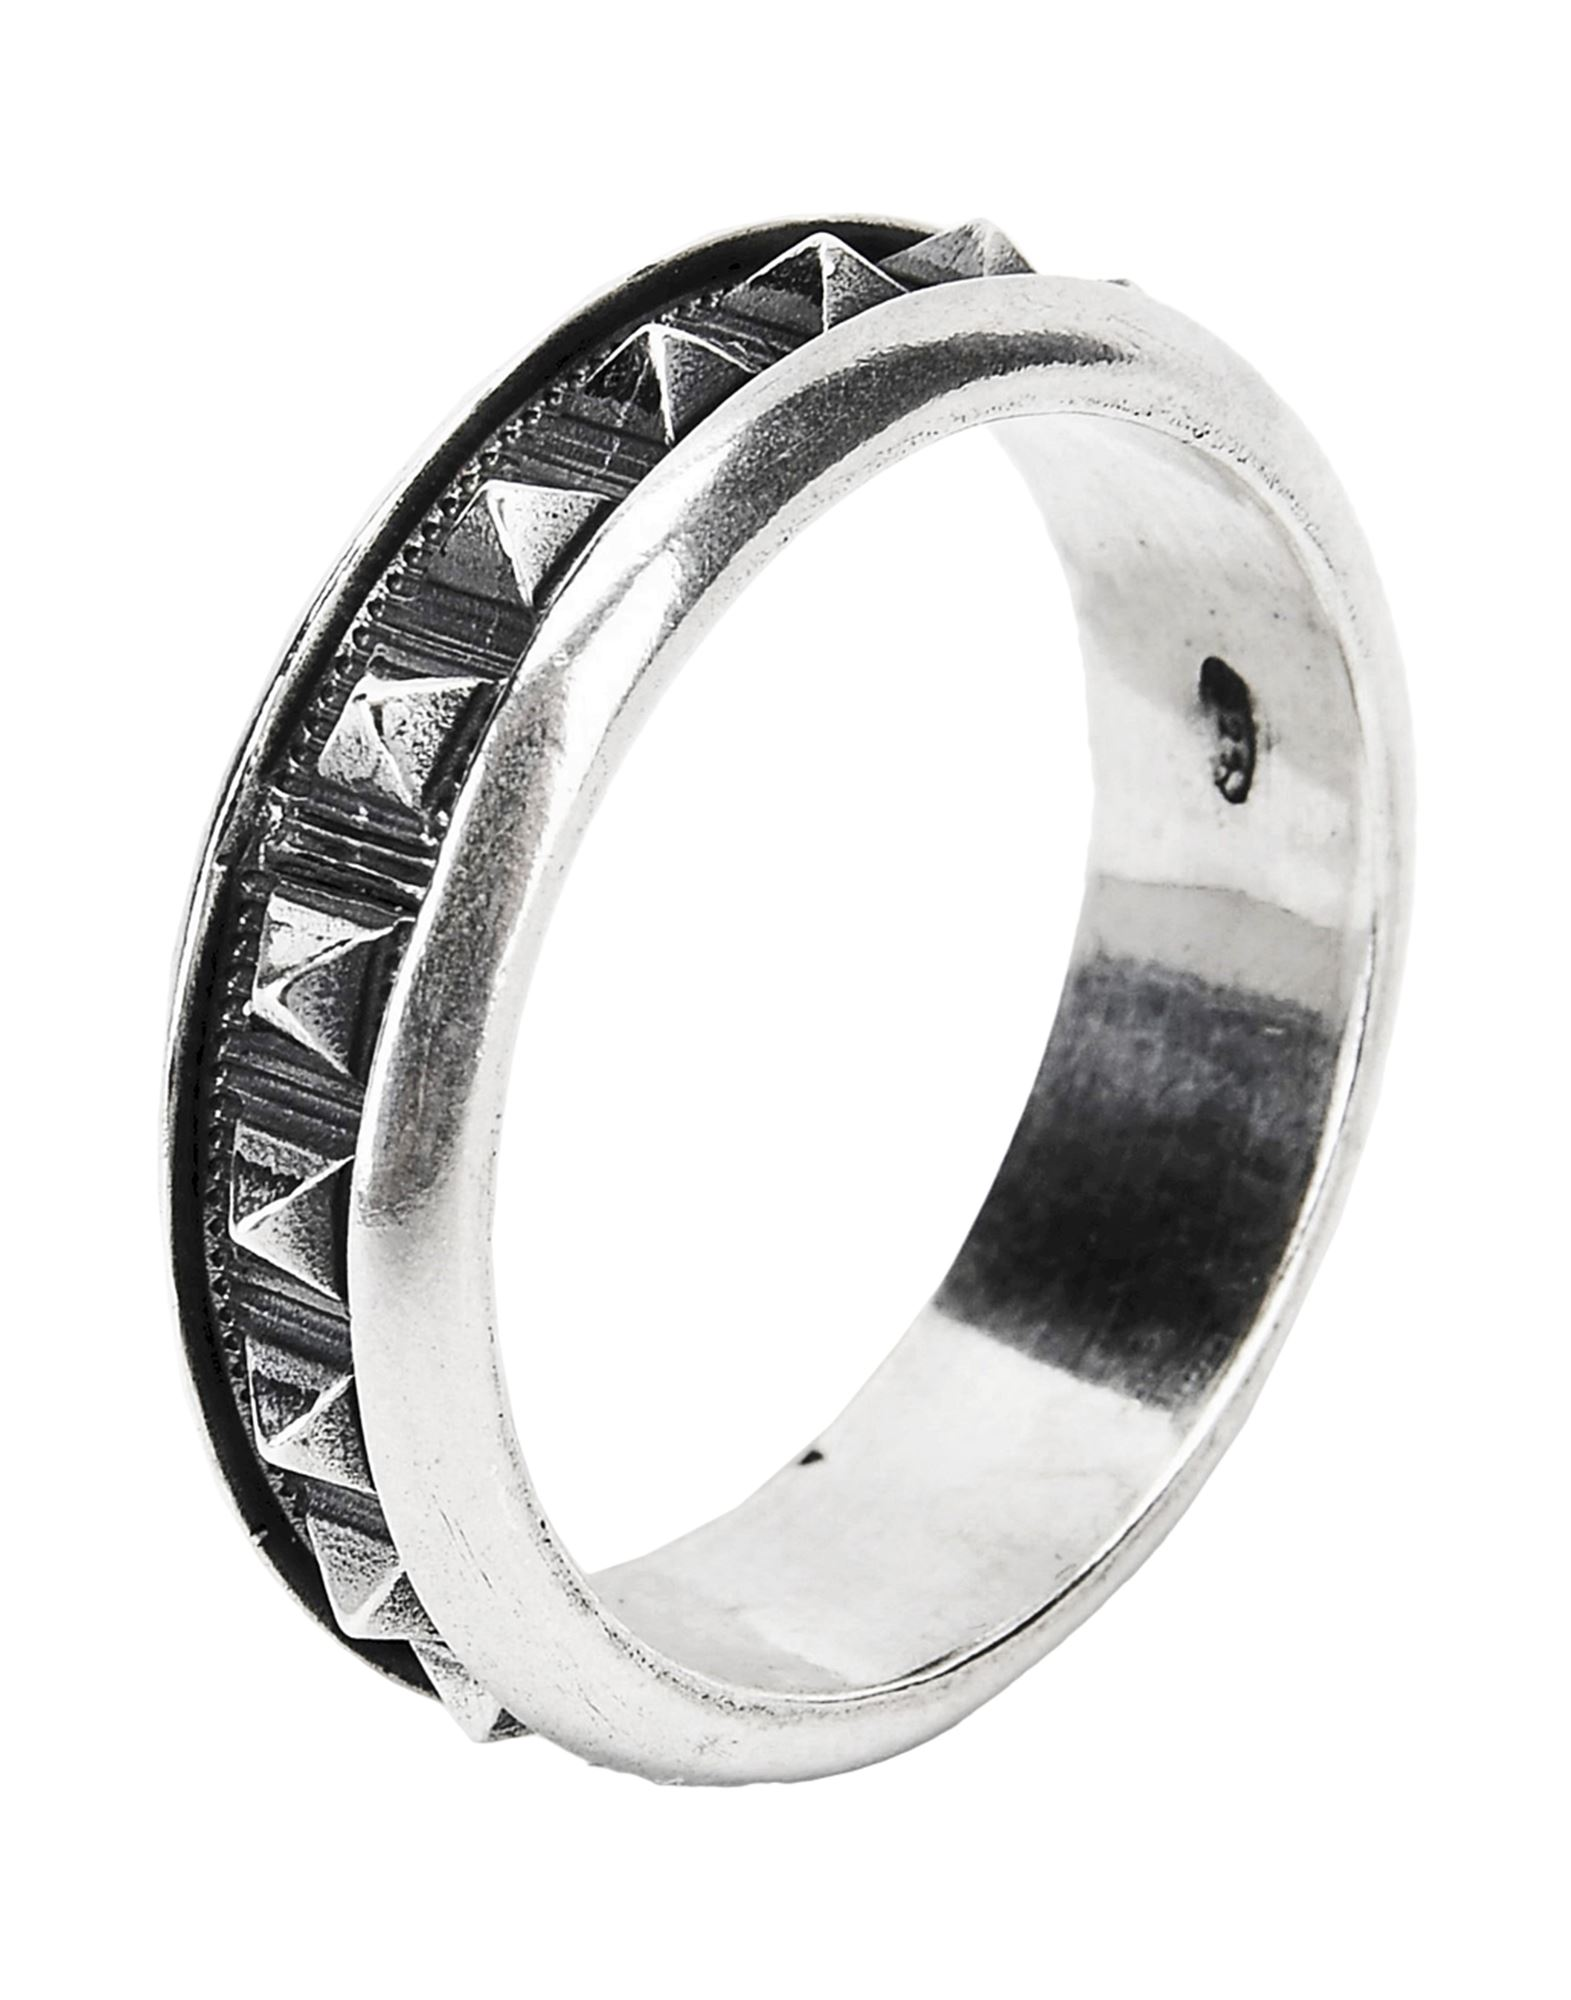 《セール開催中》FIRST PEOPLE FIRST メンズ 指輪 シルバー 24 シルバー925/1000 FEDE BORCHIE